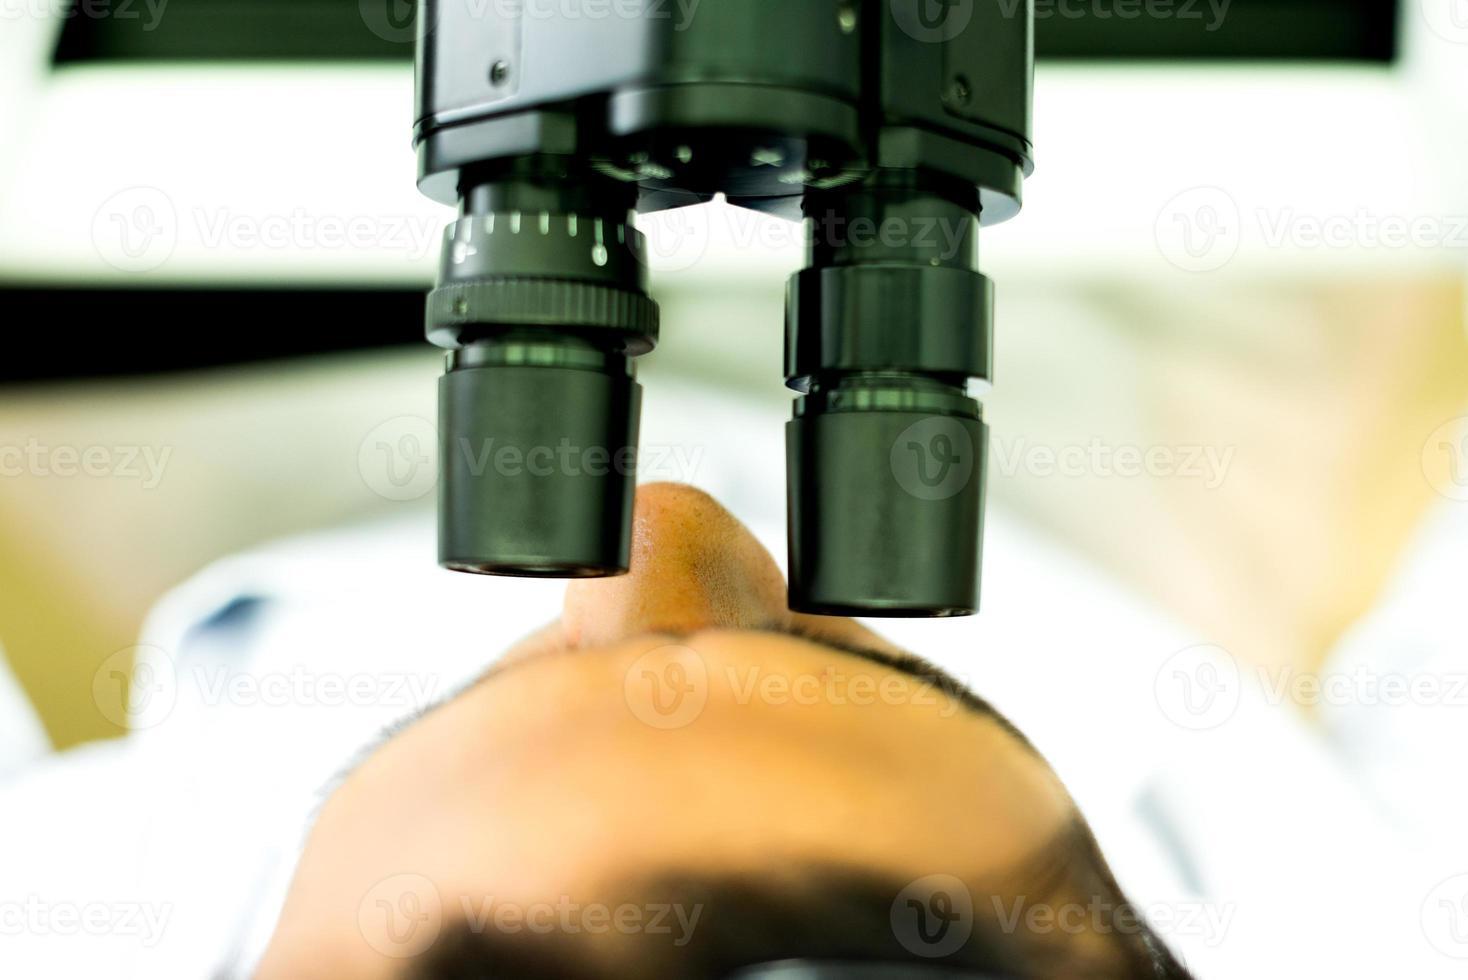 pannan på en forskare som arbetar med ett mikroskop foto